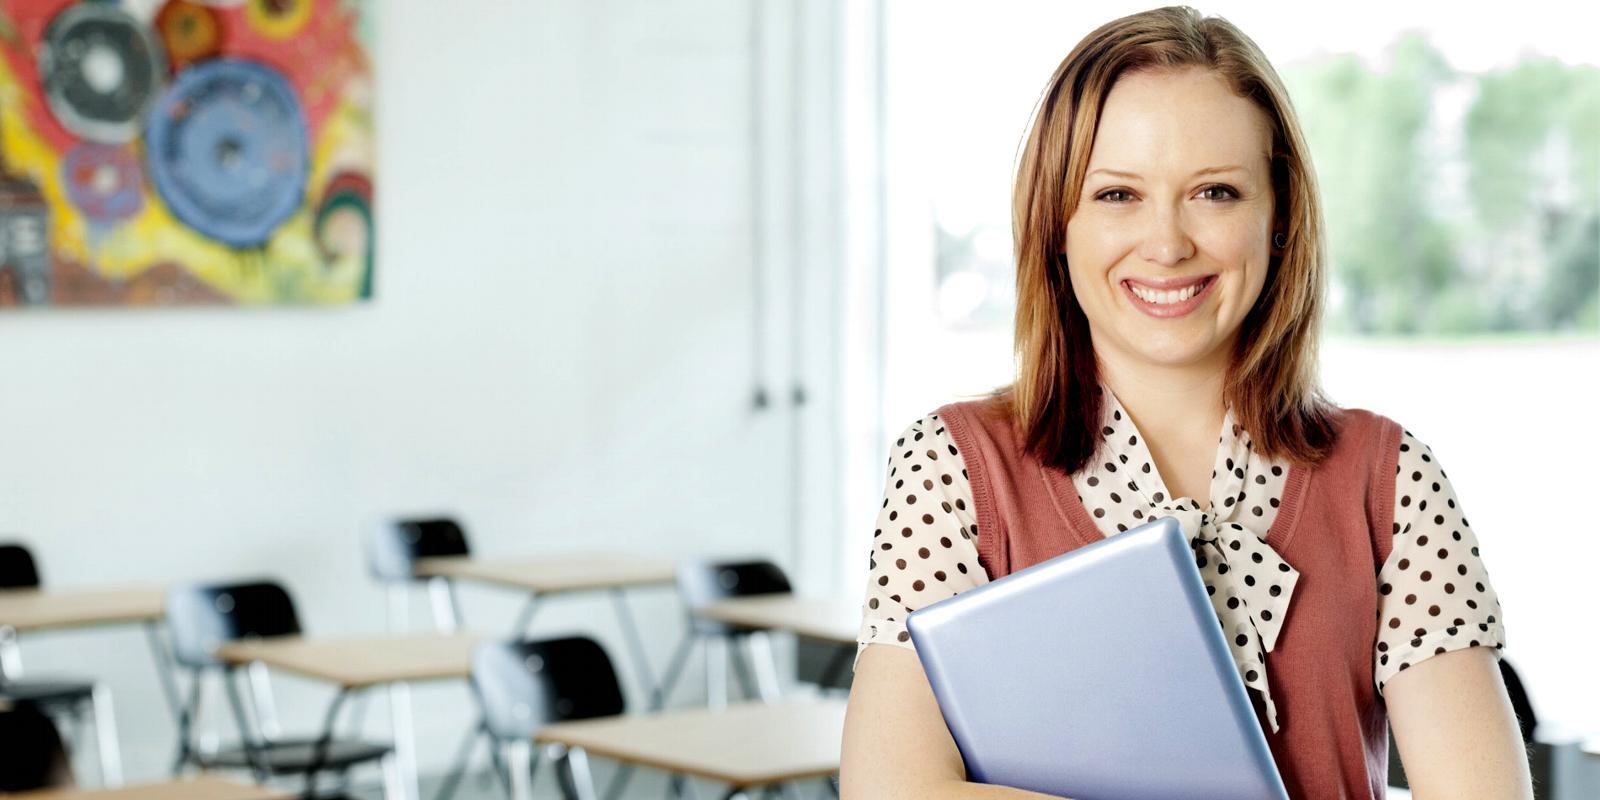 Prioridade para professores na restituição